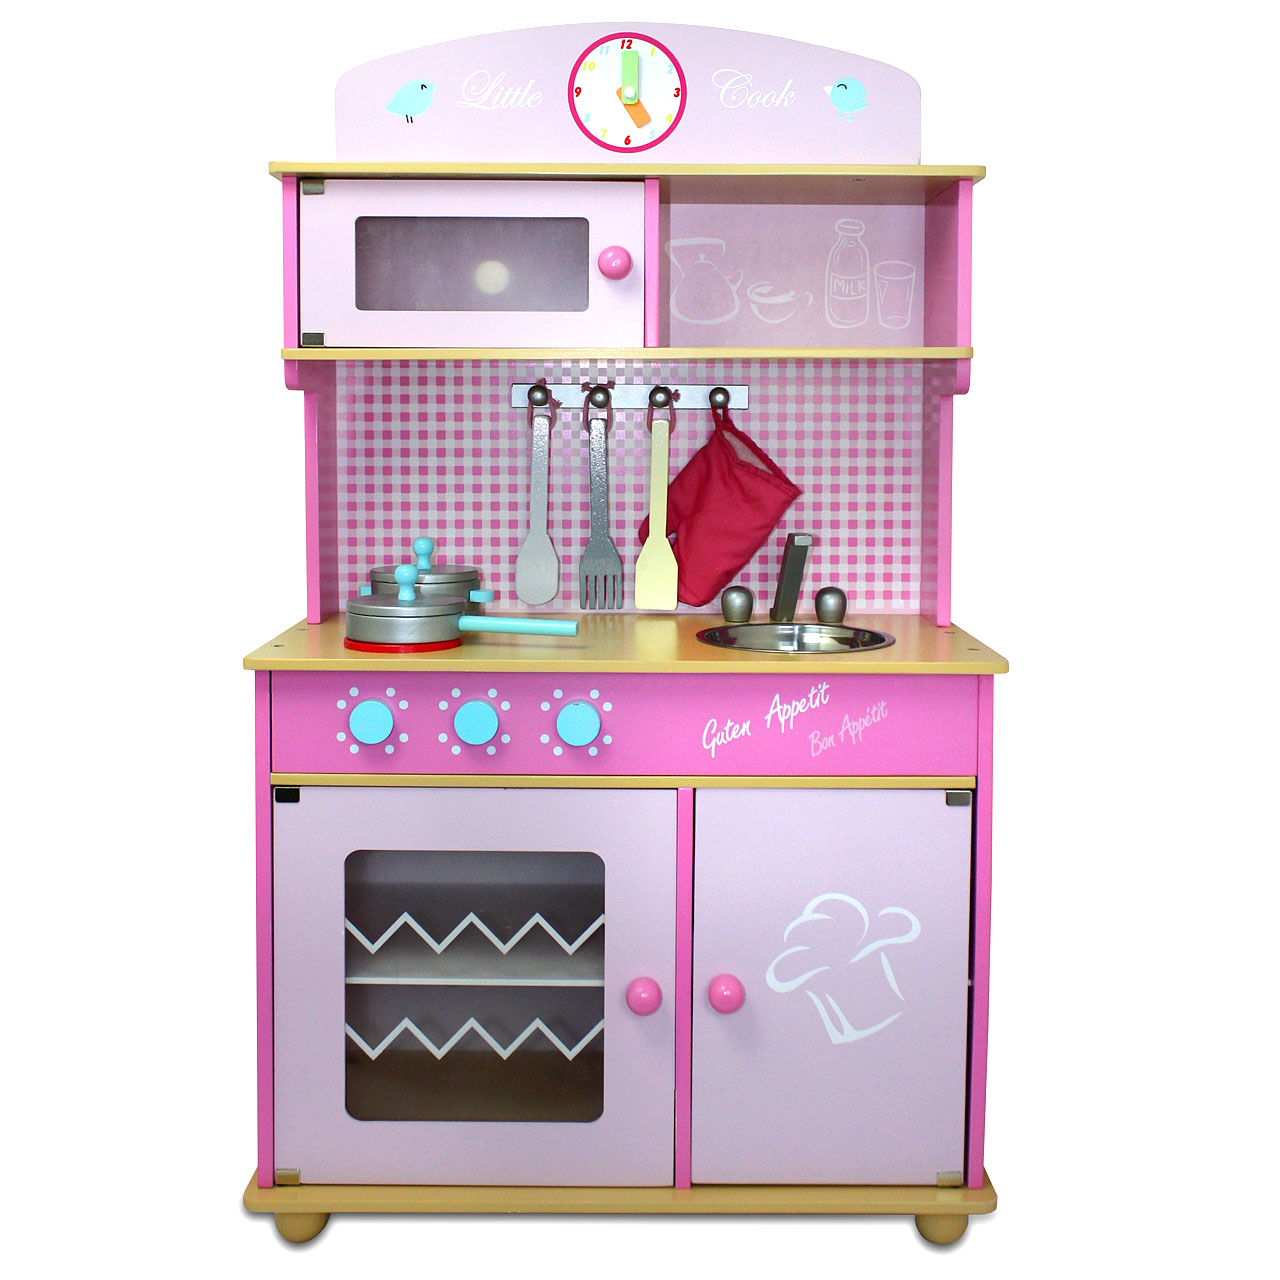 Cucina per bambini gioco in legno giocattolo | eBay